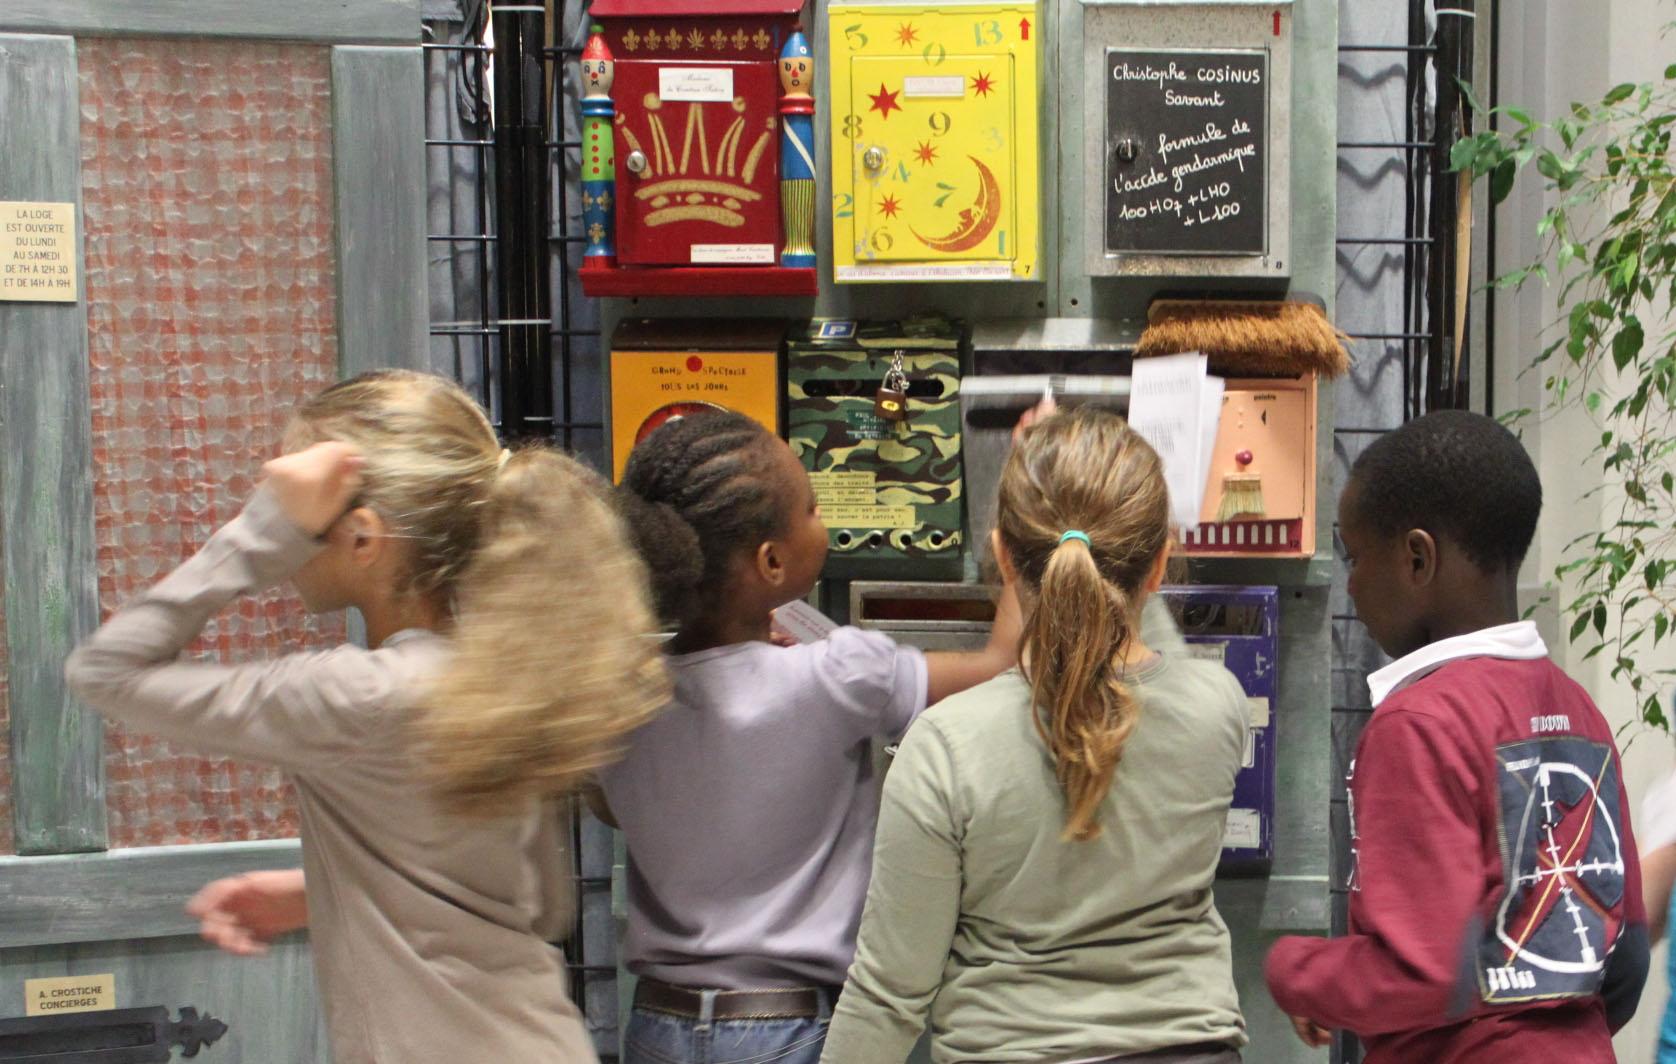 Visiteurs - Enfants-10.JPG